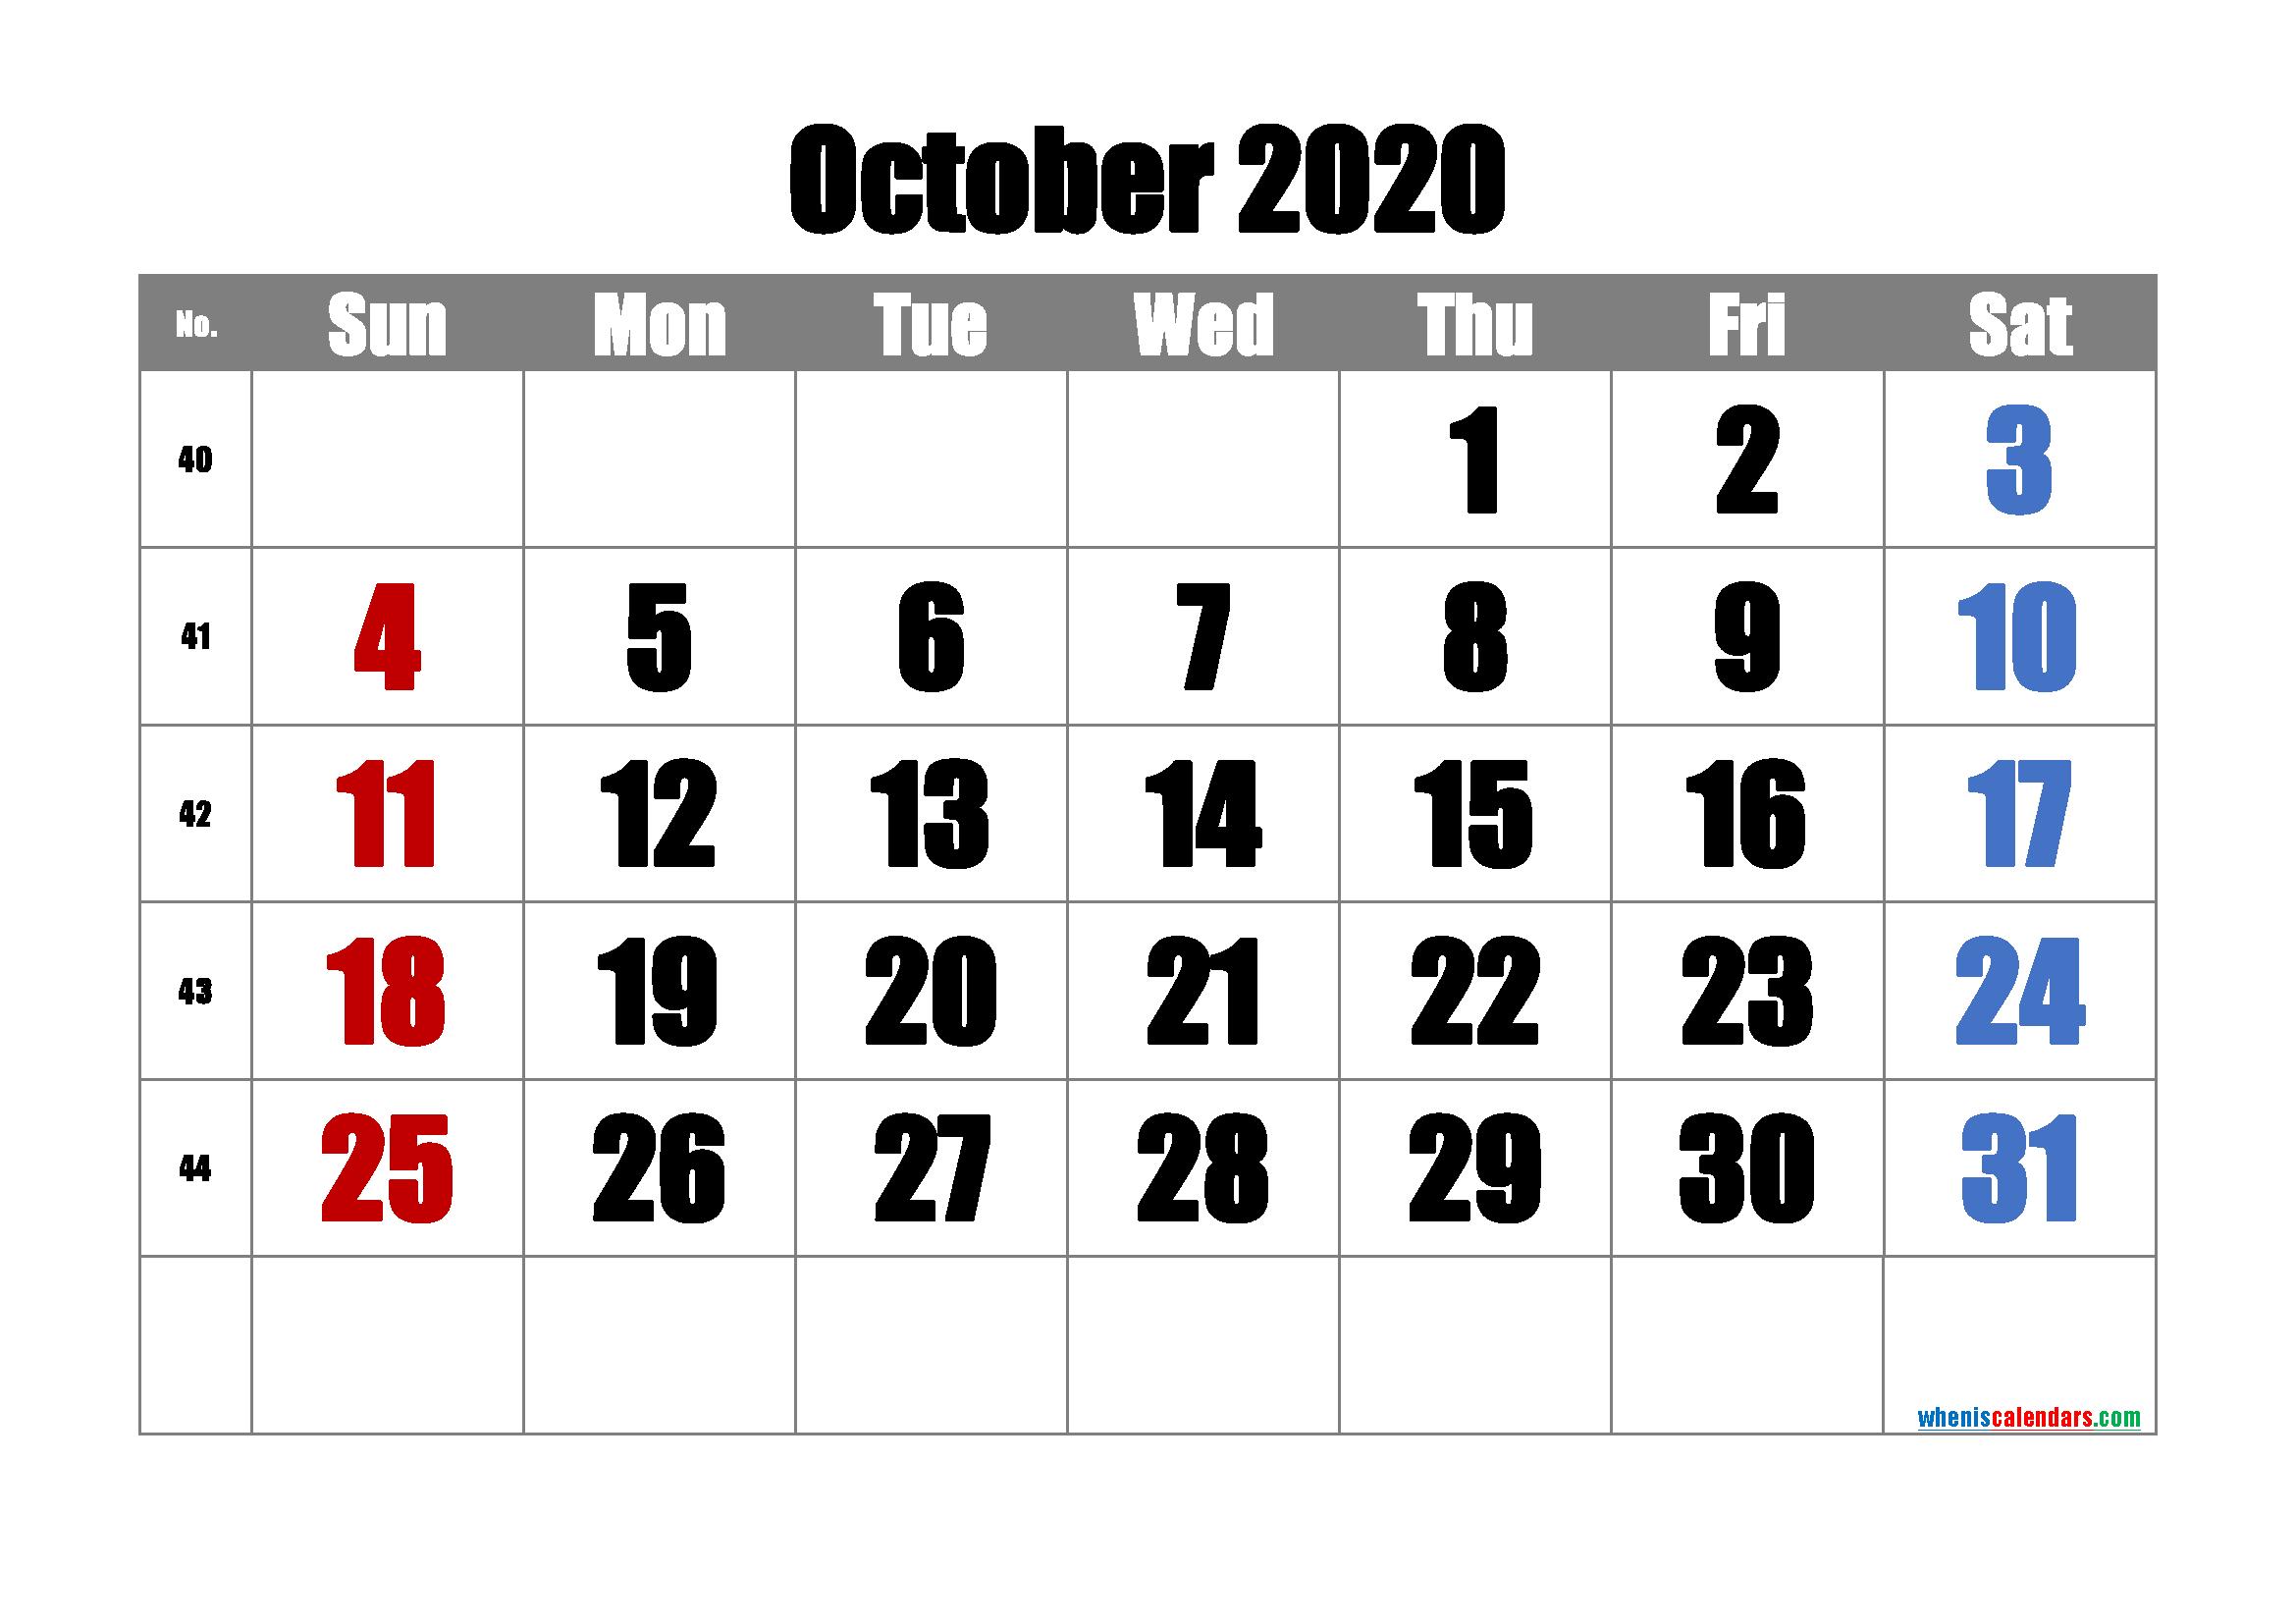 Printable October 2020 Calendar with Week Numbers